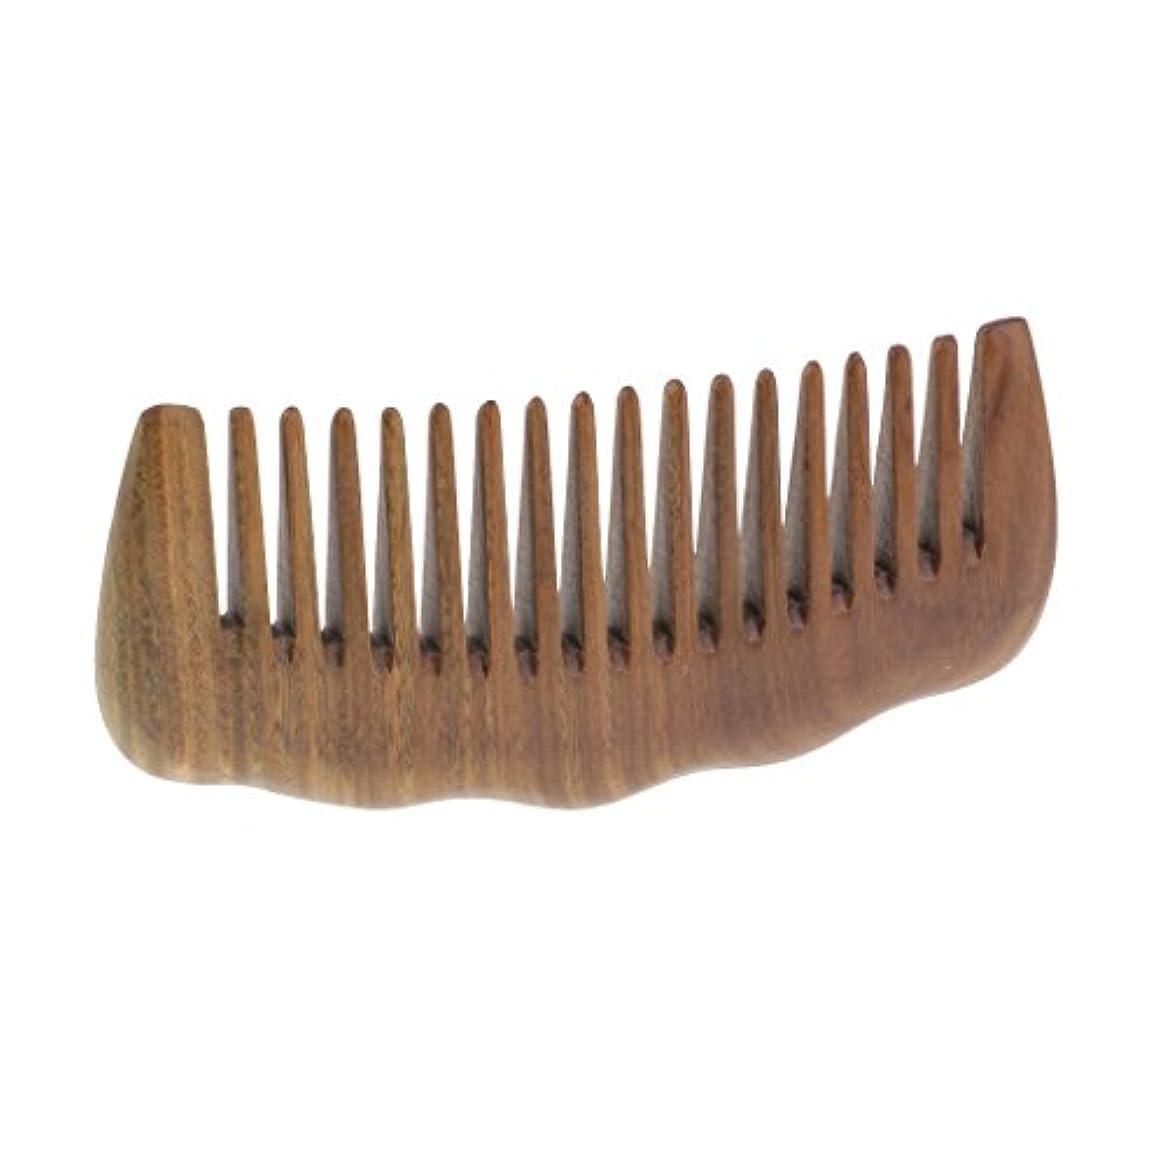 虚偽作物凍ったKesoto ウッドコーム 木製櫛 頭皮マッサージ 伝統工芸品 滑らか ヘアケア ナチュラルサンダルウッド 高品質